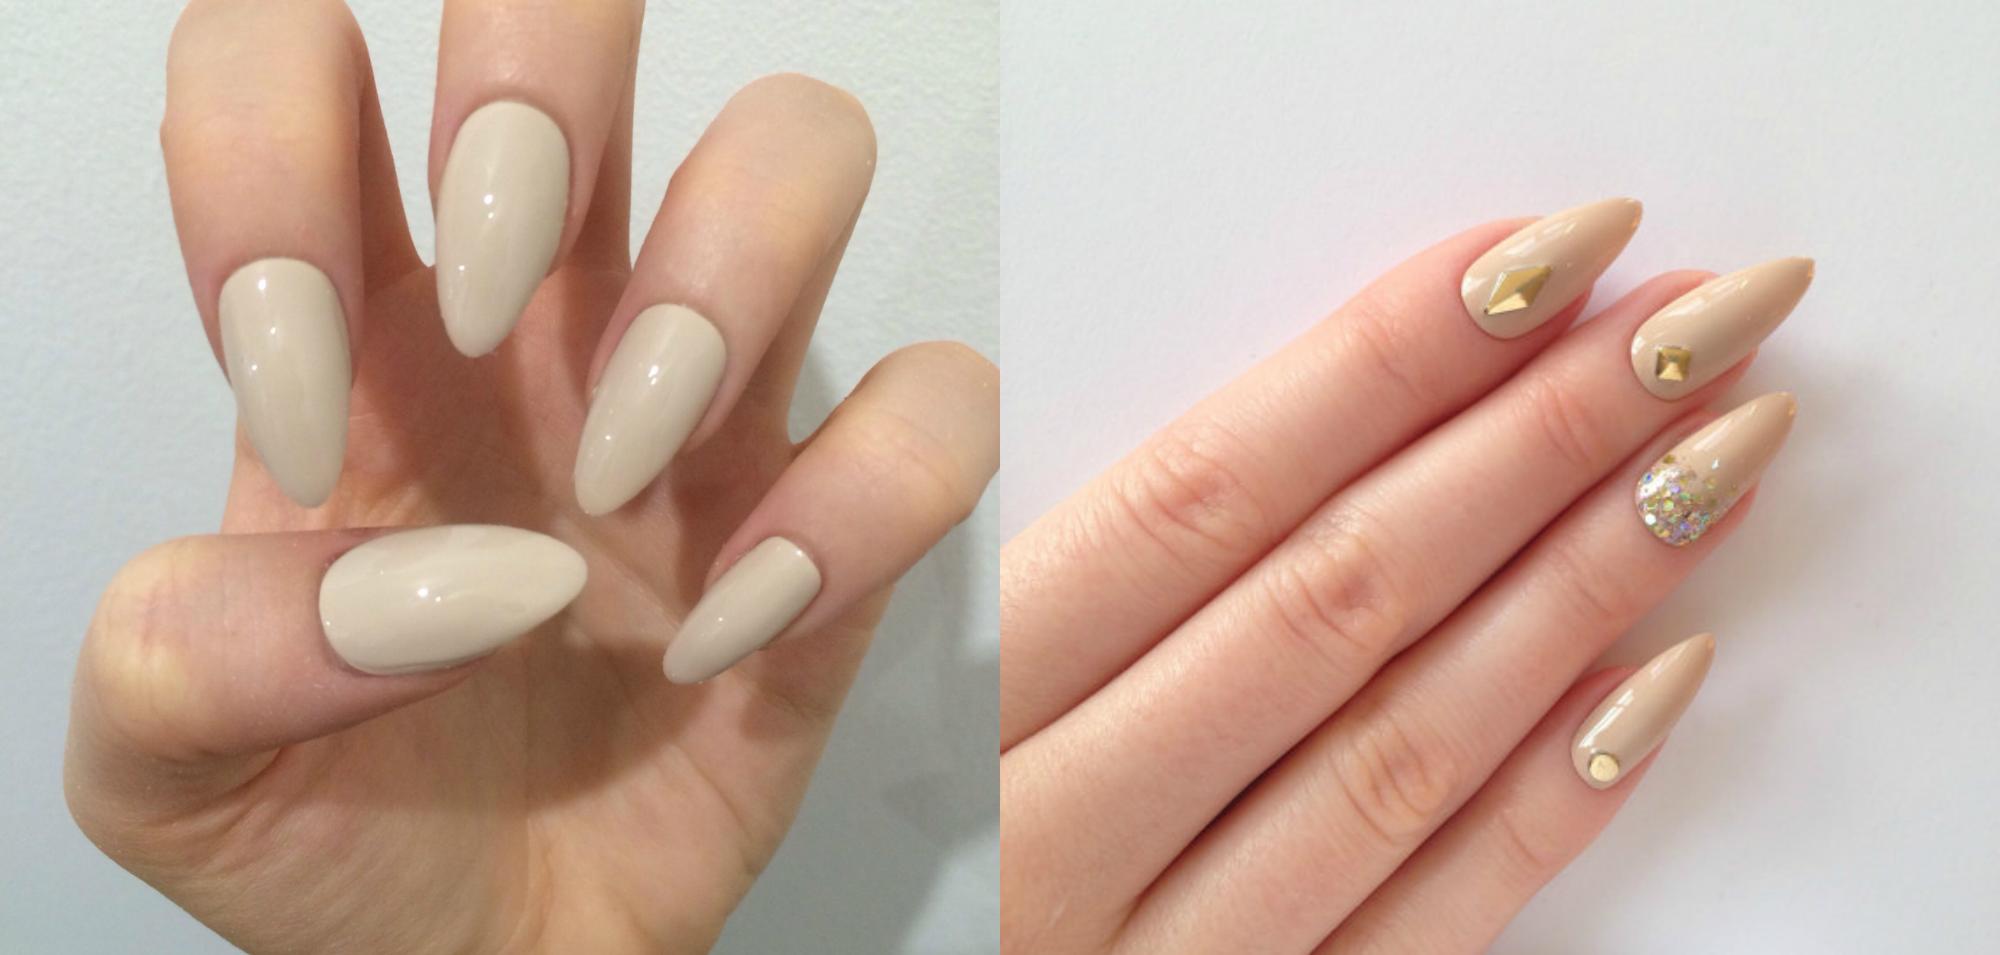 tan_nails